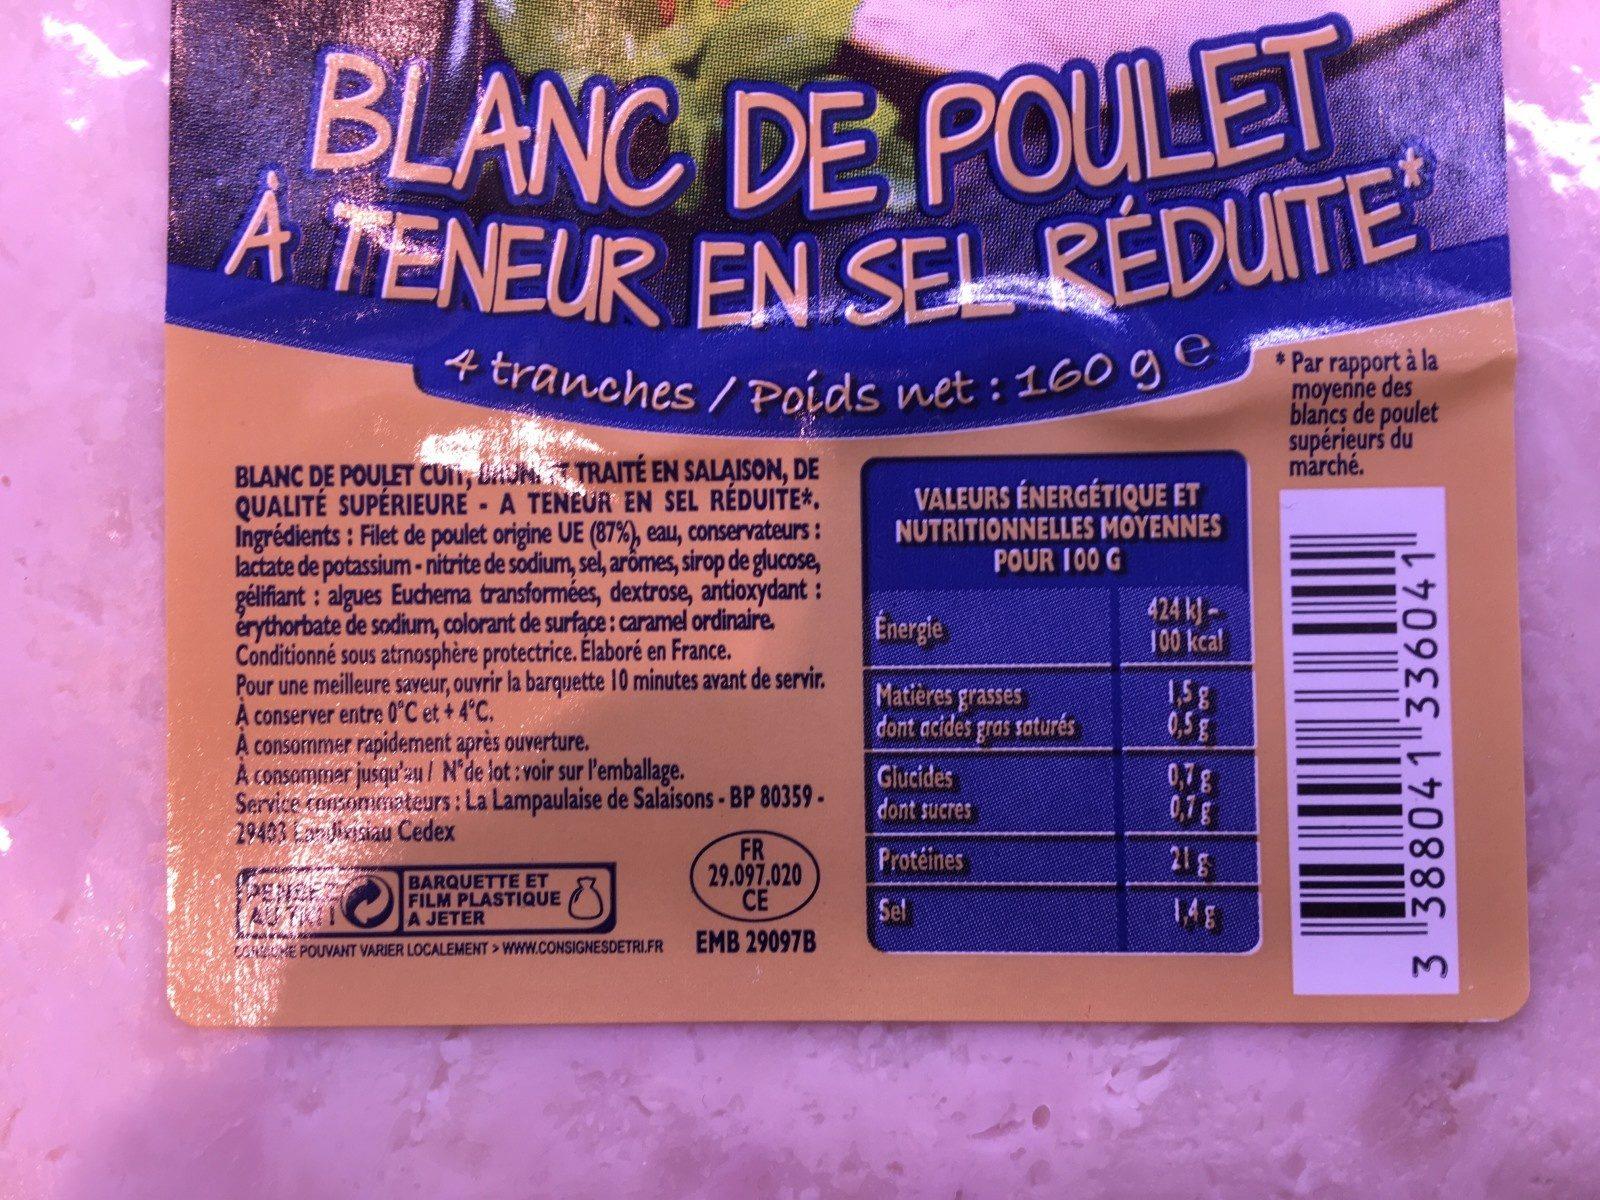 Blanc de poulet à teneur en sel réduite - Ingrédients - fr